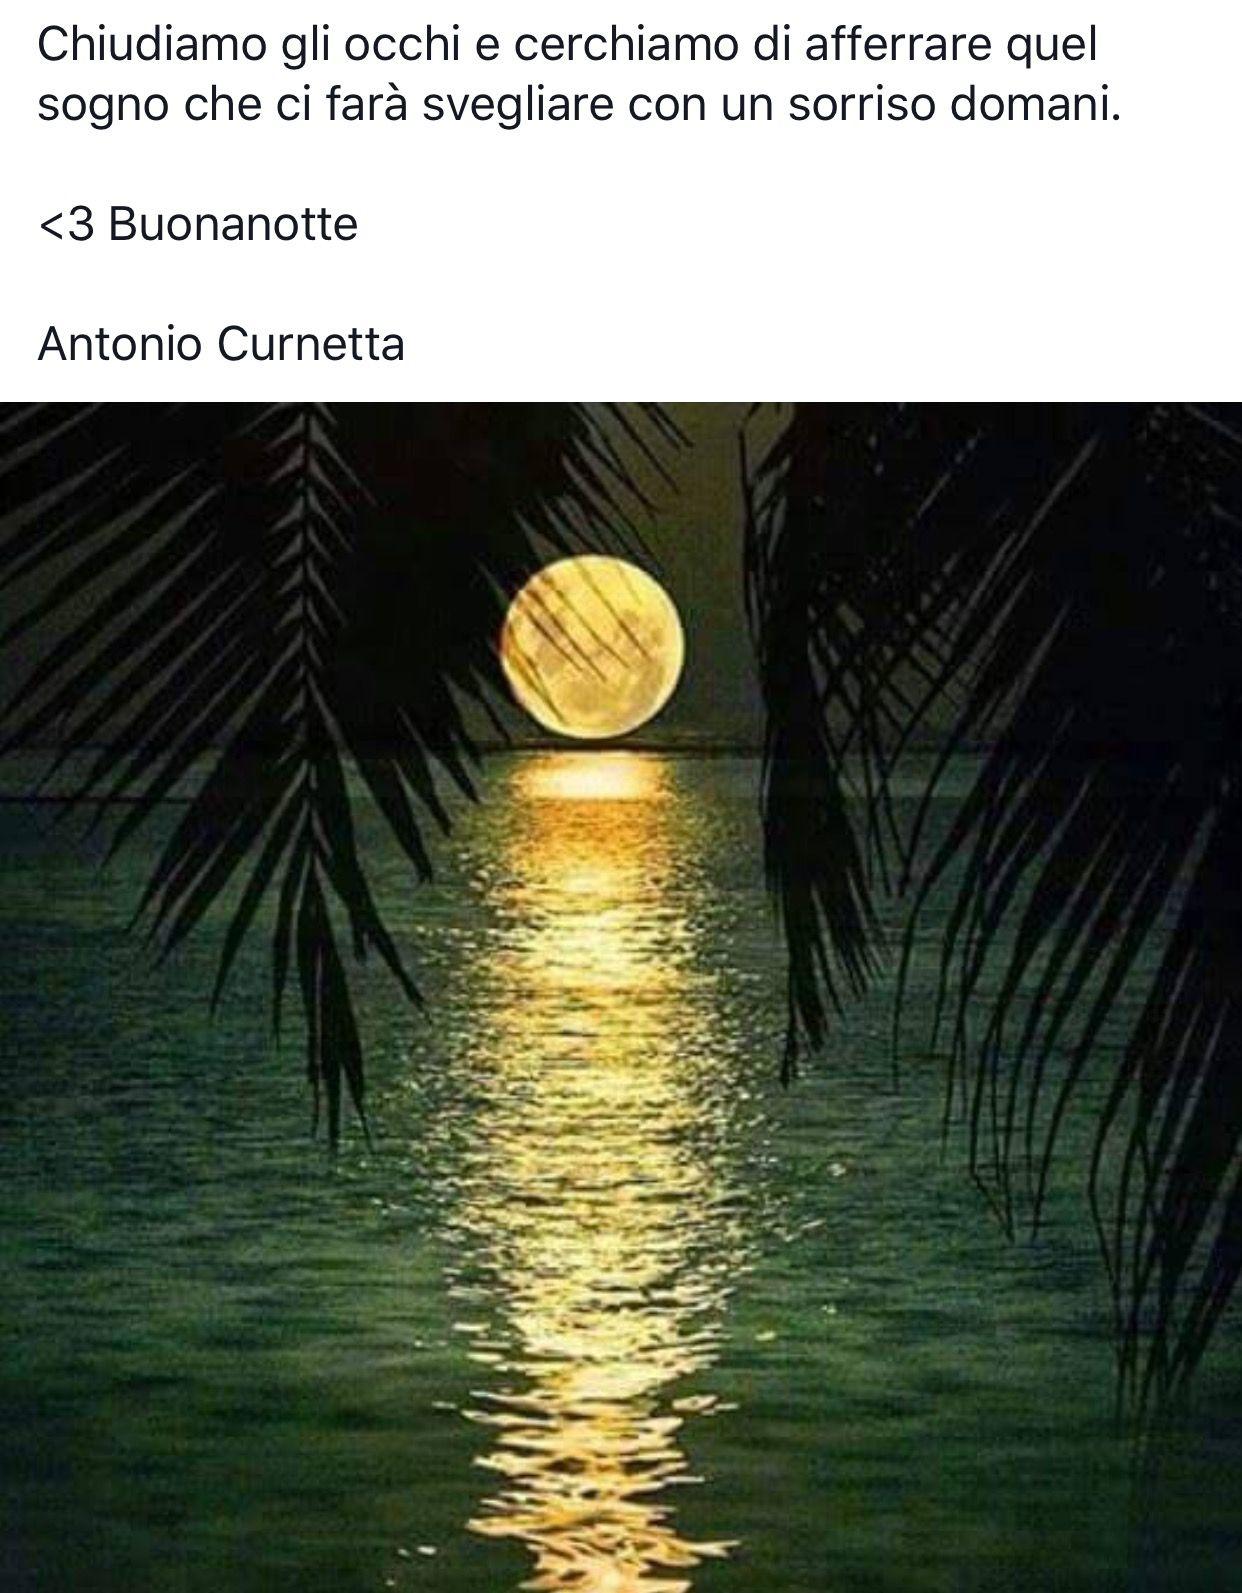 Antonio Curnetta Buon Giorno E Buona Notte Pinterest Shoot The